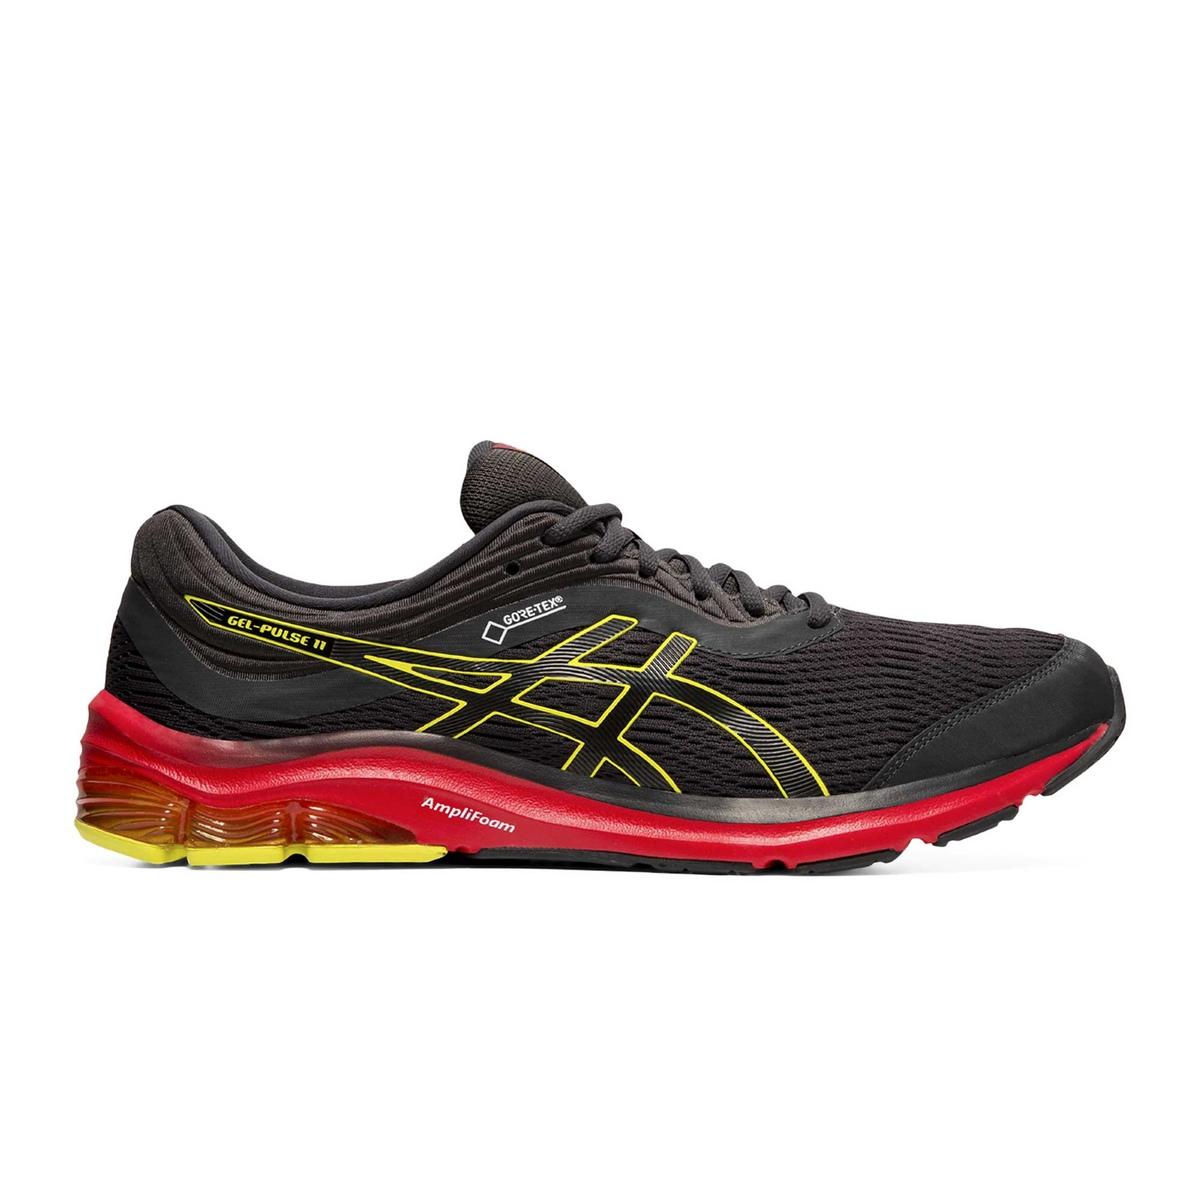 Asics GEL PULSE 10 SS 19 Running Shoes For Men(Black)